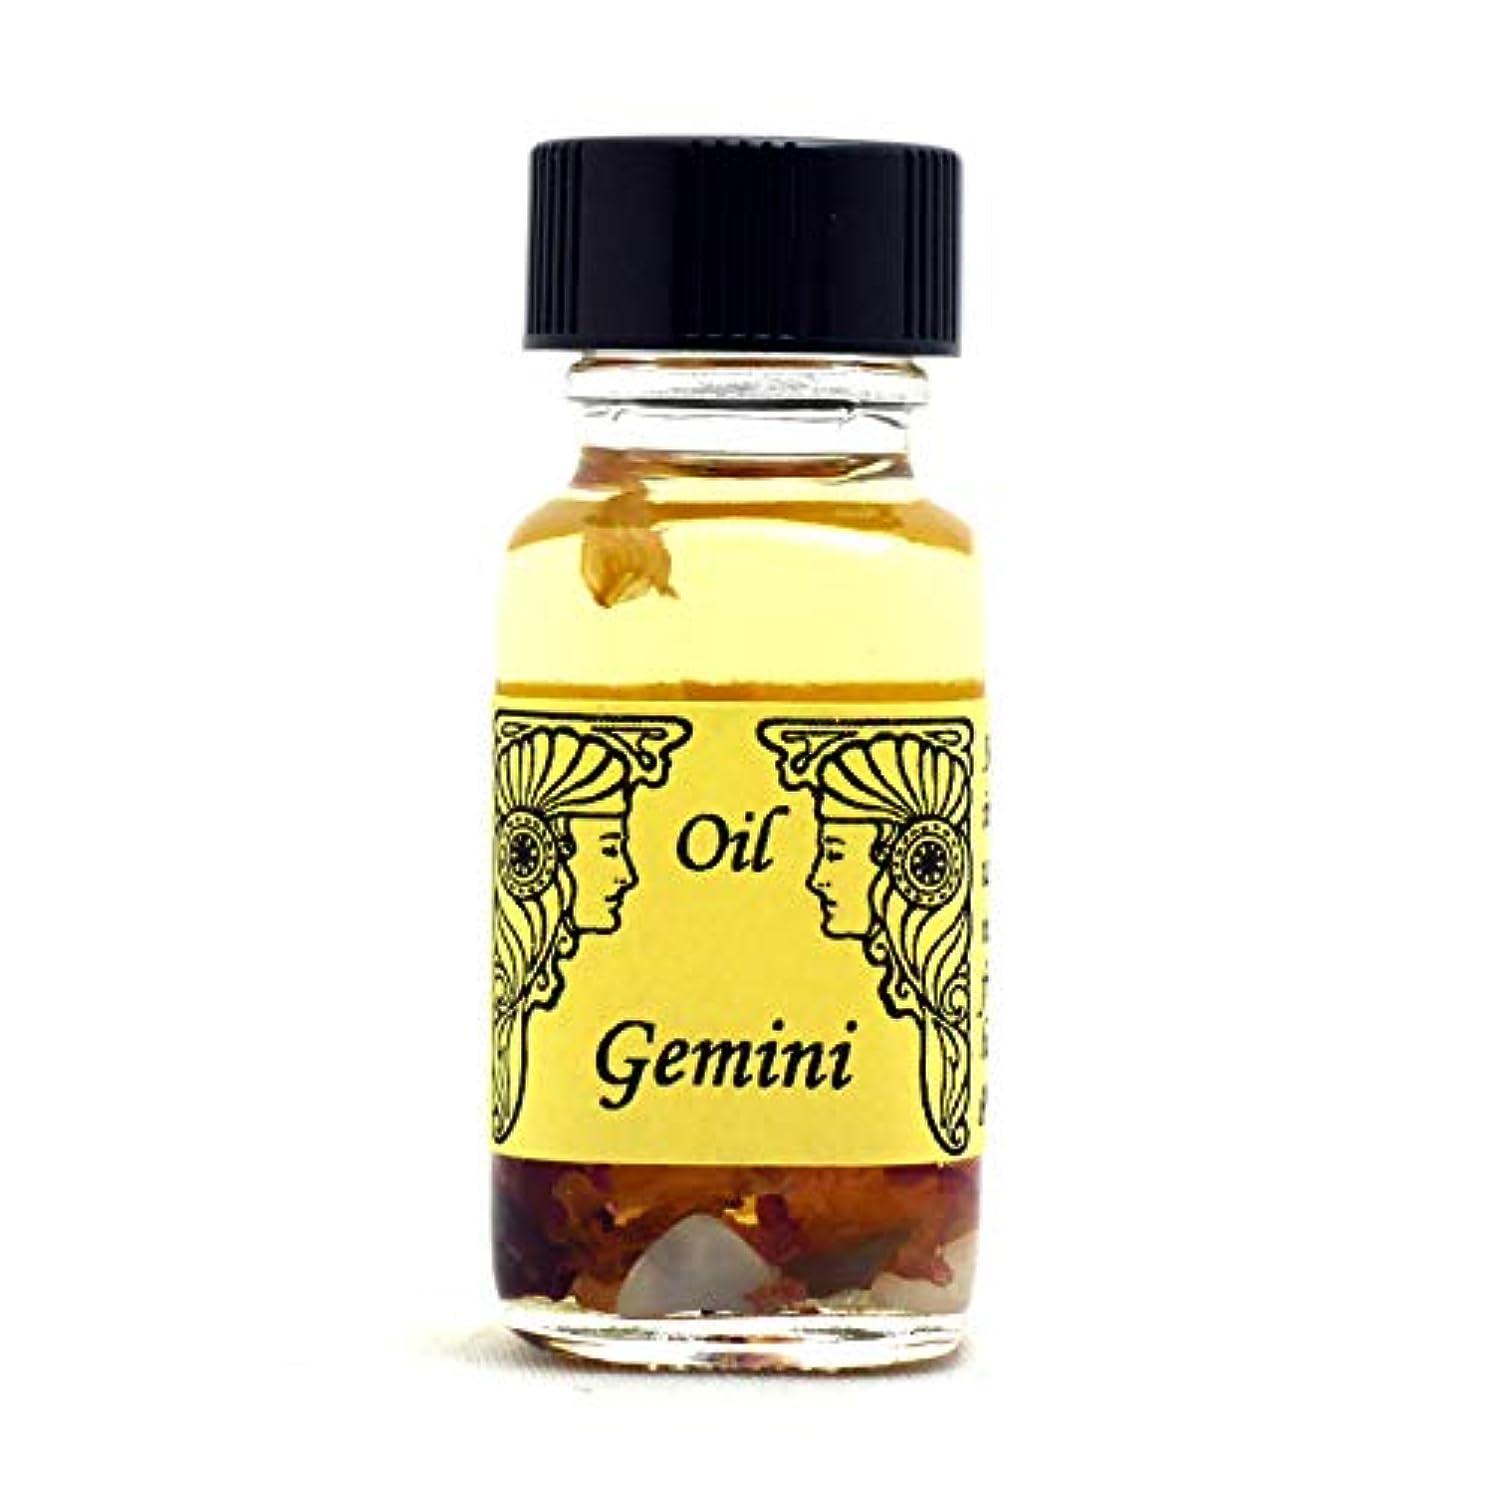 インスタント隠された頭蓋骨アンシェントメモリーオイル 12星座オイル(占星術オイル)Gemini ふたご座 5月21日~6月20日